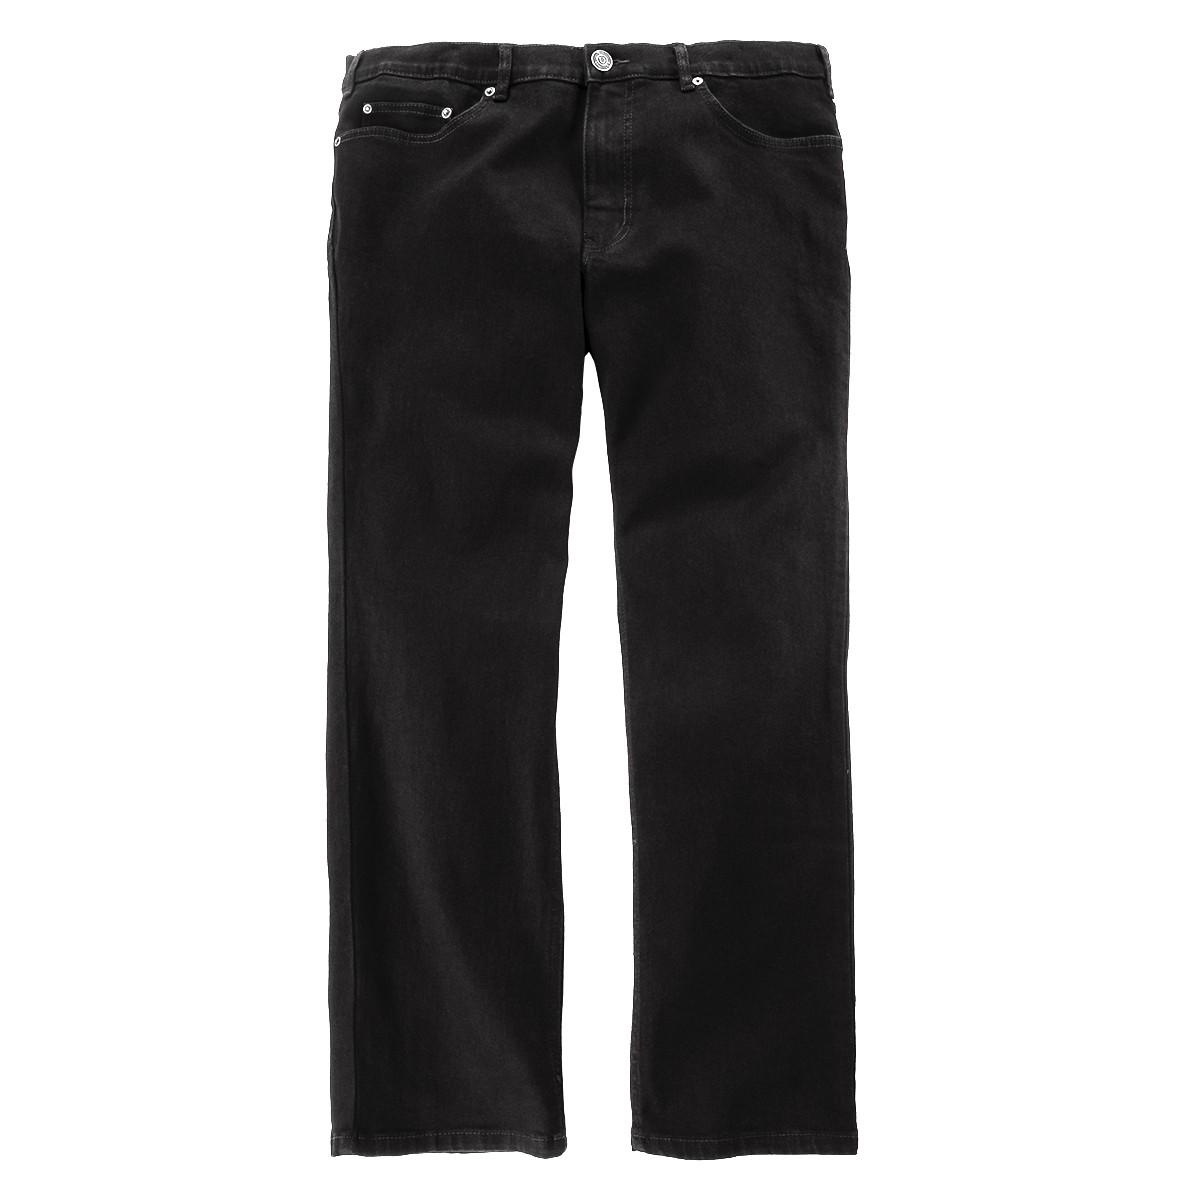 paddock s herren jeans hose ranger schwarz bergr e. Black Bedroom Furniture Sets. Home Design Ideas